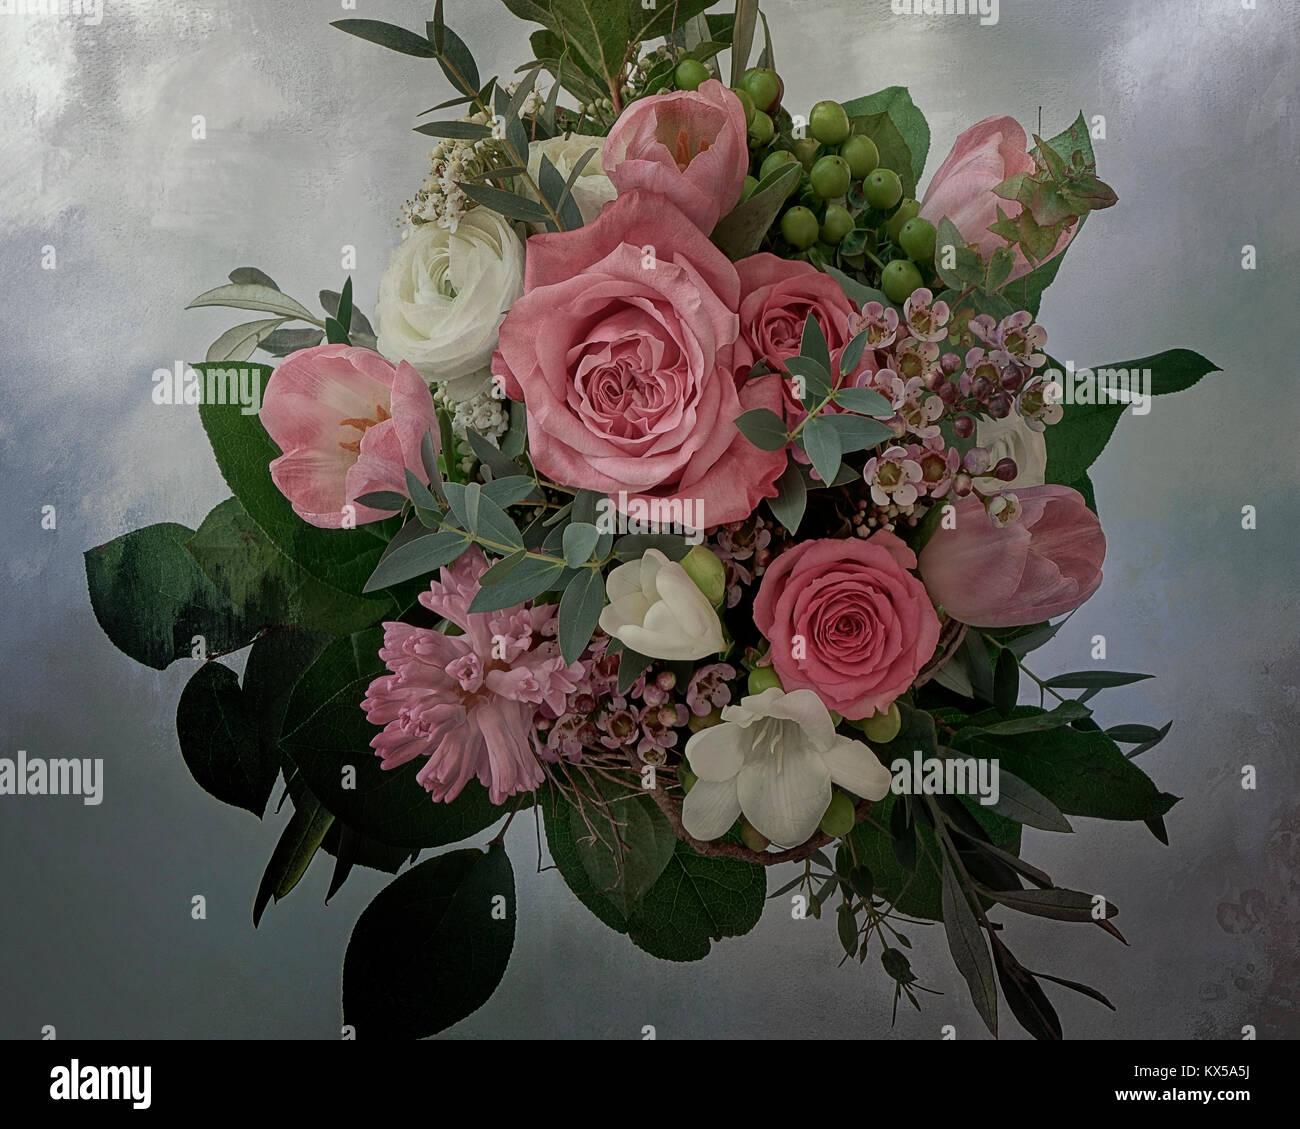 PHOTO ART: Floral Arrangement - Stock Image